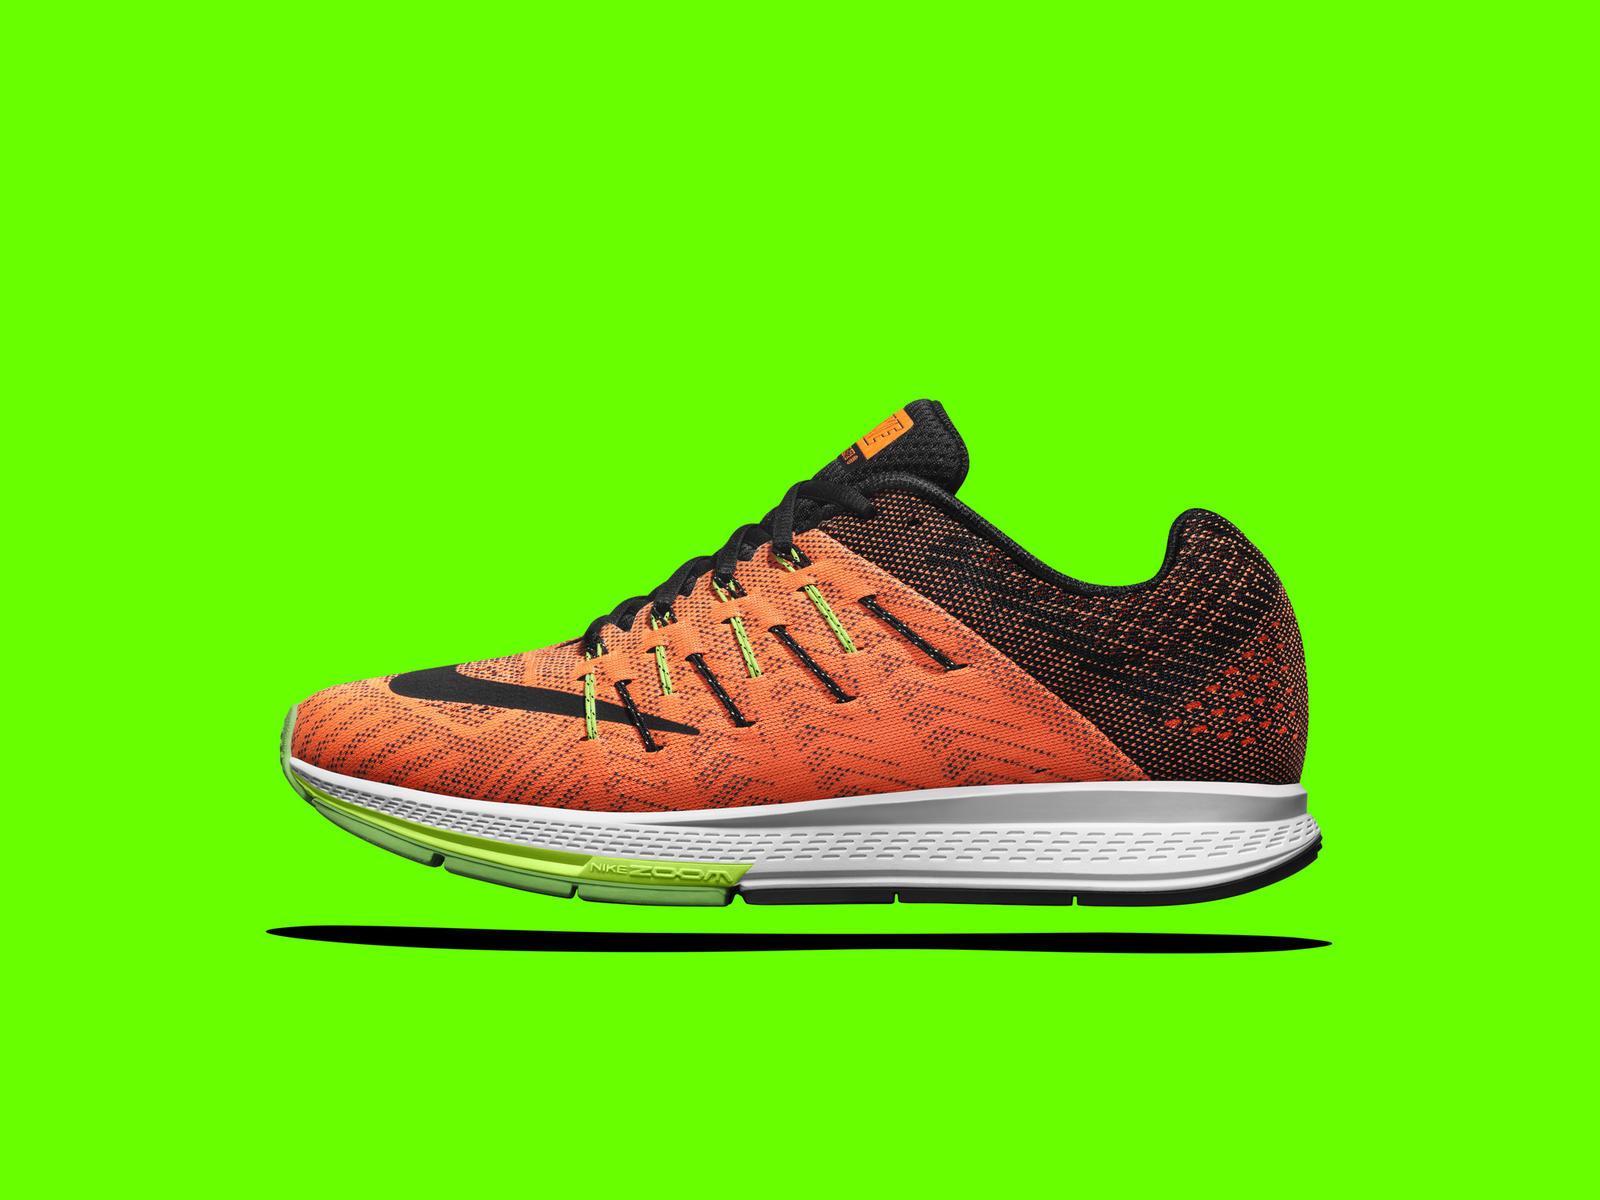 Della Nike Scarpe Pubblicità Nike Della Scarpe Della Della Pubblicità Nike Scarpe Pubblicità Pubblicità dxWBorCe